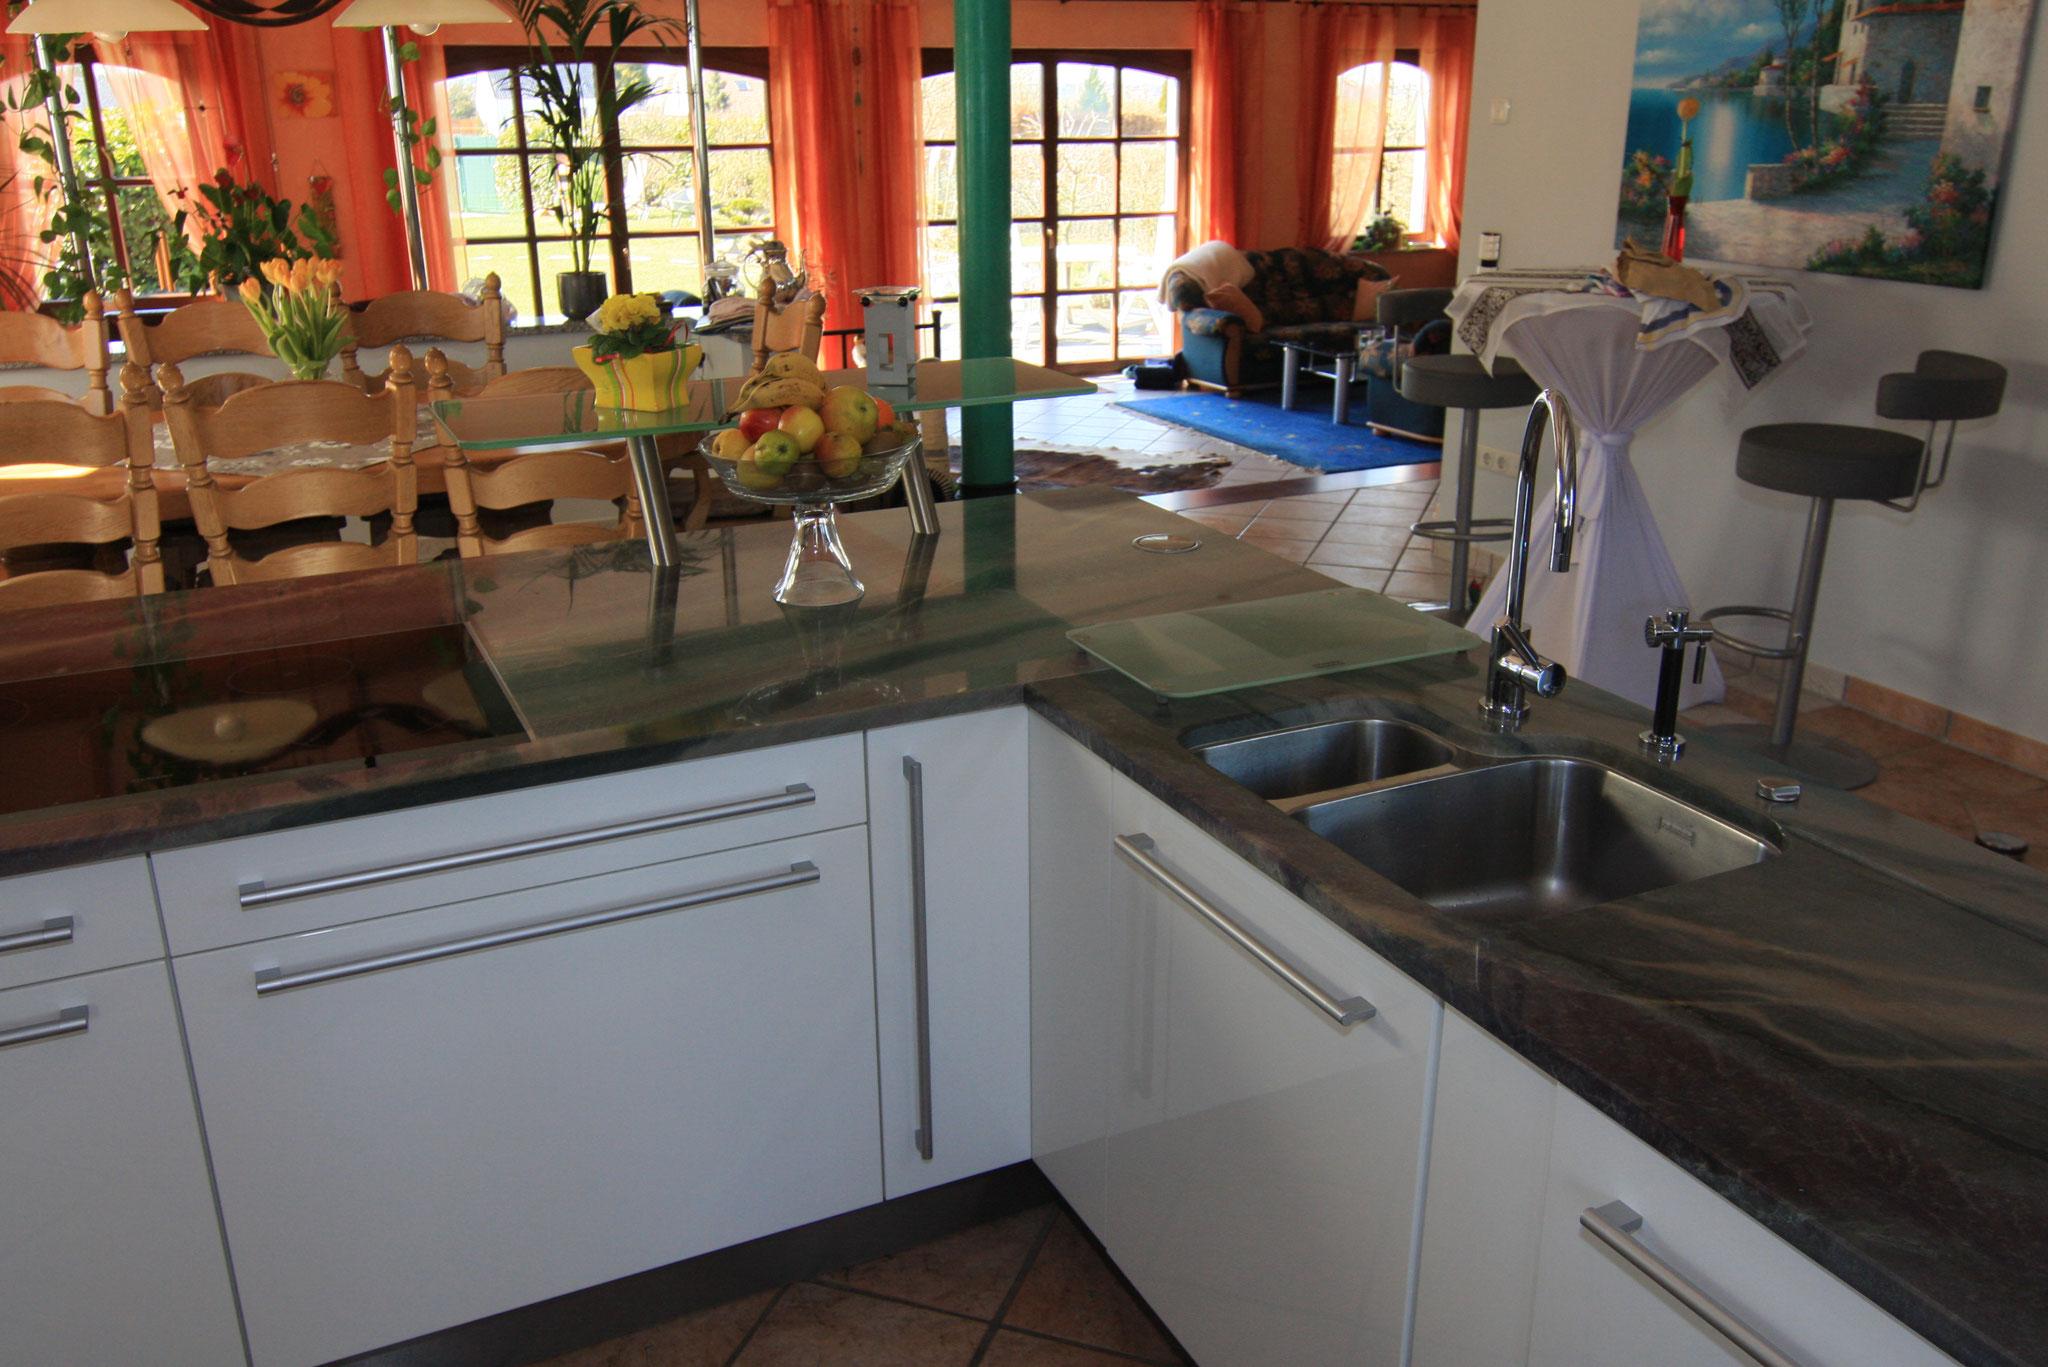 Ungewöhnlich Küchenspüle Verstopft Müllabfuhr Nicht Funktioniert ...